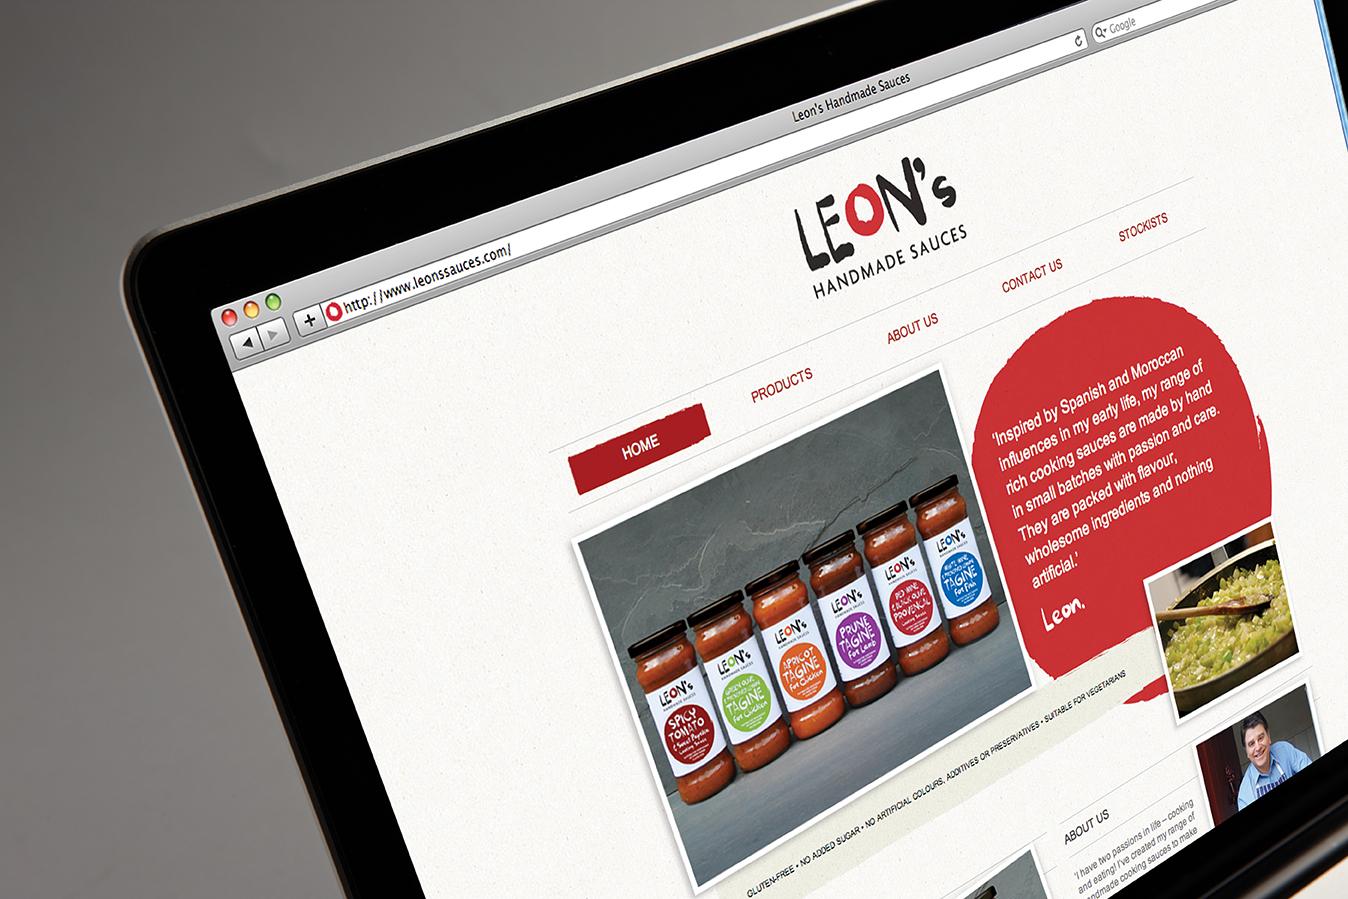 leons_Screengrab.jpg